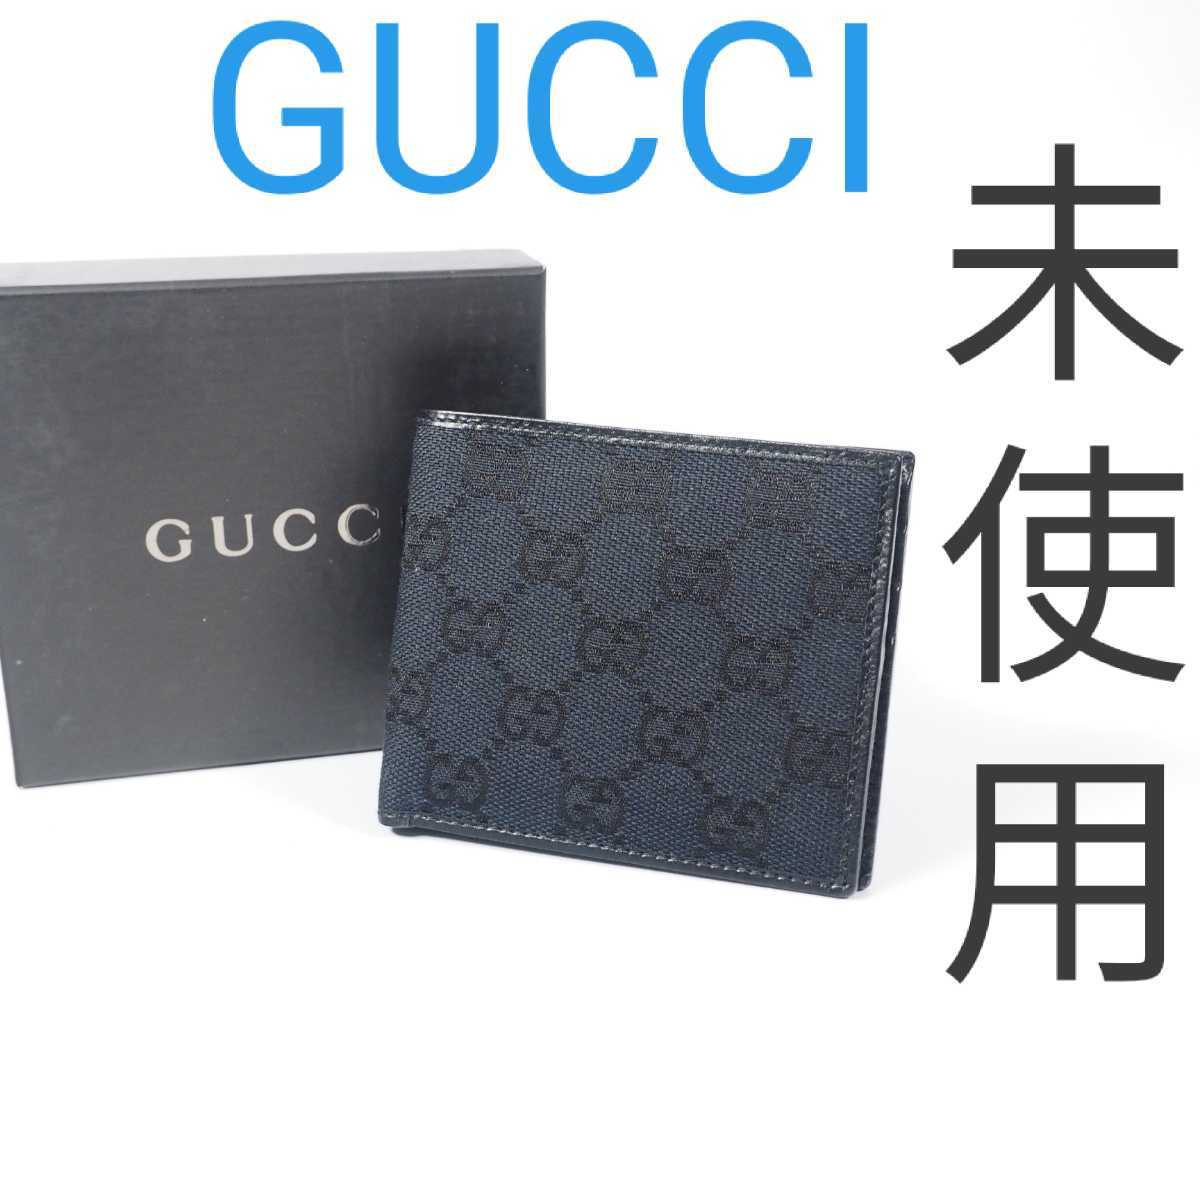 【未使用 送料無料】グッチ GG キャンバス 二つ折り財布 ブラック GUCCI 小銭入れ  財布 526_画像1